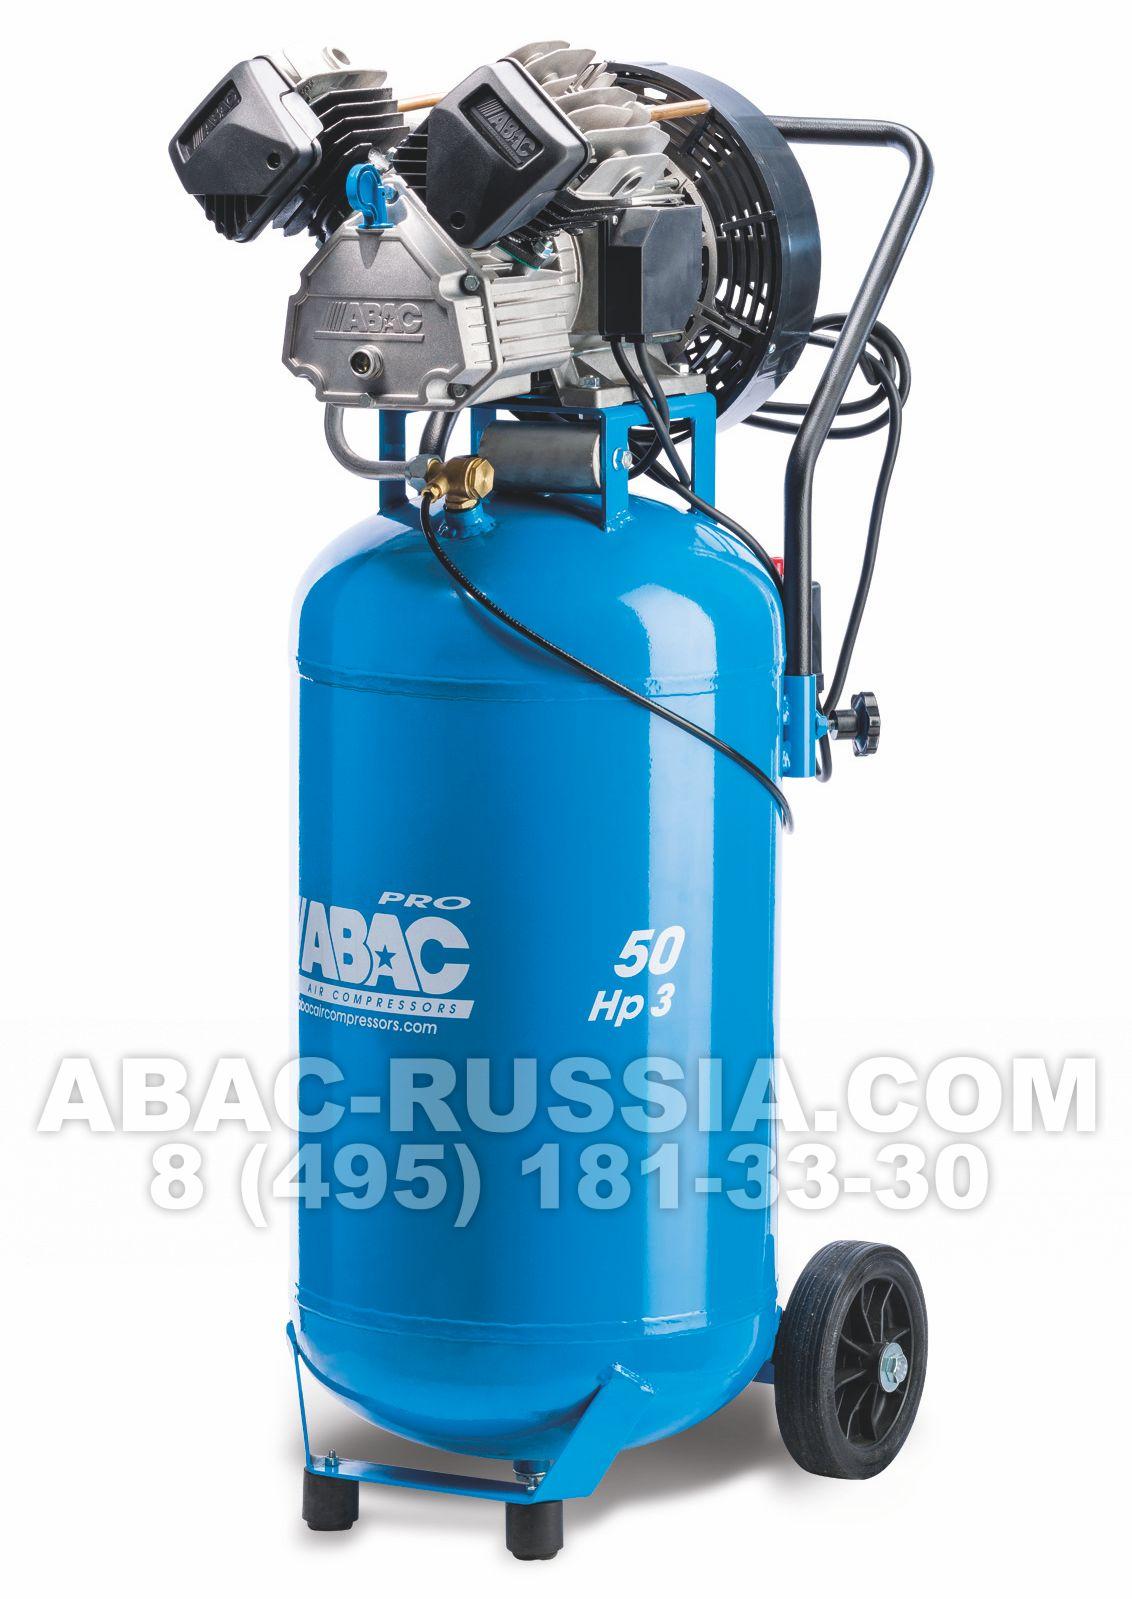 Поршневой компрессор ABAC V30/50 CM3 VERTICAL 1121430329